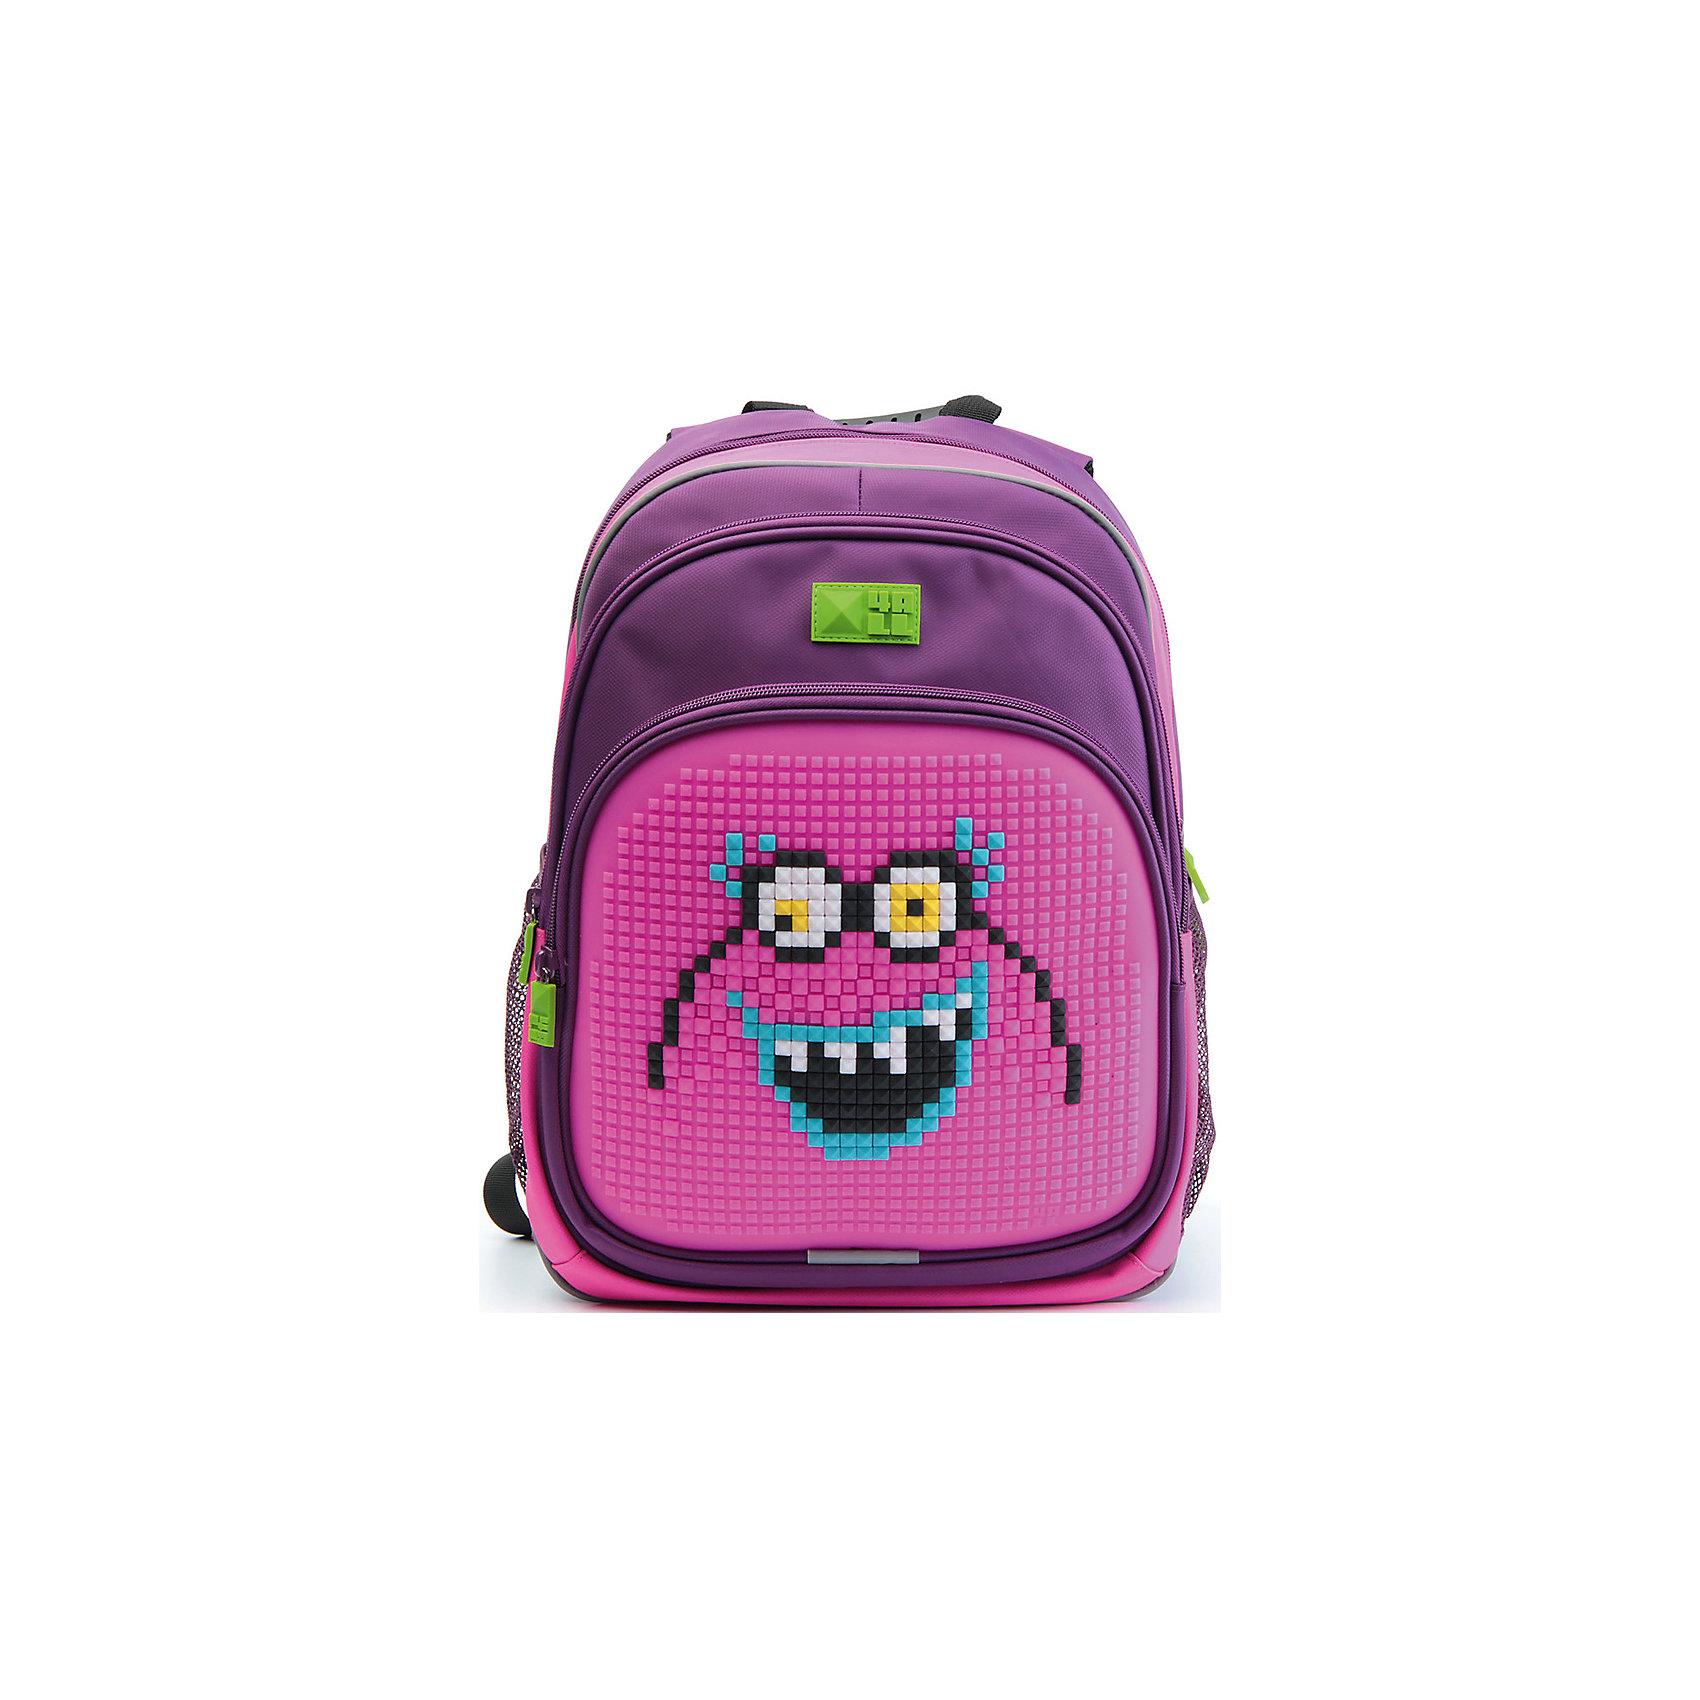 Рюкзак Kids, фиолетово-розовыйРюкзак KIDS - это одновременно и яркий, функциональный школьный аксессуар, и безграничная площадка для самовыражения, способная подчеркнуть любой выбранный образ. С помощью уникальной силиконовой панели и набора пластиковых пикселей-битов можно декорировать фасад рюкзака, как угодно, полагаясь на свое воображение и вкус. А все материалы, задействованные при изготовлении, имеют специальную вода- и грязеотталкивающую пропитку, что гарантирует практичность, износостойкость и долговечность рюкзака.<br><br>Такой современный и интересный ранец будет прекрасным подарком к 1 сентября!<br><br>Особенности:<br>AIR COMFORT system:<br>- Система свободной циркуляции воздуха между задней стенкой рюкзака и спиной ребенка.<br>- Совместно с ортопедической спиной ERGO system эта система воздухообмена делает ежедневное использование рюкзаков KIDS безопасным для здоровья и максимально комфортным!<br>ERGO system:<br>- Разработанная нами система ERGO служит равномерному распределению нагрузки на спину ребенка. Она способна сделать рюкзак, наполненный учебниками, легким. ERGO служит сохранению правильной осанки и заботится о здоровье позвоночника!<br>Ортопедическая спина:<br>- Важное свойство наших рюкзаков - ортопедическая спина! Способна как корсет поддерживать позвоночник, правильно распределяя нагрузку, а так же обеспечивает циркуляцию воздуха между задней стенкой рюкзака и спиной ребенка!<br>А также:<br>- Гипоаллергенный силикон;<br>- Водоотталкивающие материалы;<br>- Устойчивость всех материалов к температурам воздуха ниже 0!<br><br>Дополнительная информация:<br><br>- Рюкзак уже содержит 1 упаковку разноцветных пикселей-битов (300 шт.) для создания картинок<br>- Цвет: фиолетово-розовый;<br>- Объем рюкзака: 22 л.<br>- Размер в упаковке: 39х27х15 см.<br>- Вес в упаковке: 950 г.<br><br>Рюкзак Kids в  фиолетово-розовом цвете , можно купить в нашем магазине.<br><br>Ширина мм: 390<br>Глубина мм: 270<br>Высота мм: 150<br>Вес г: 950<br>Возраст от месяцев: 36<br>